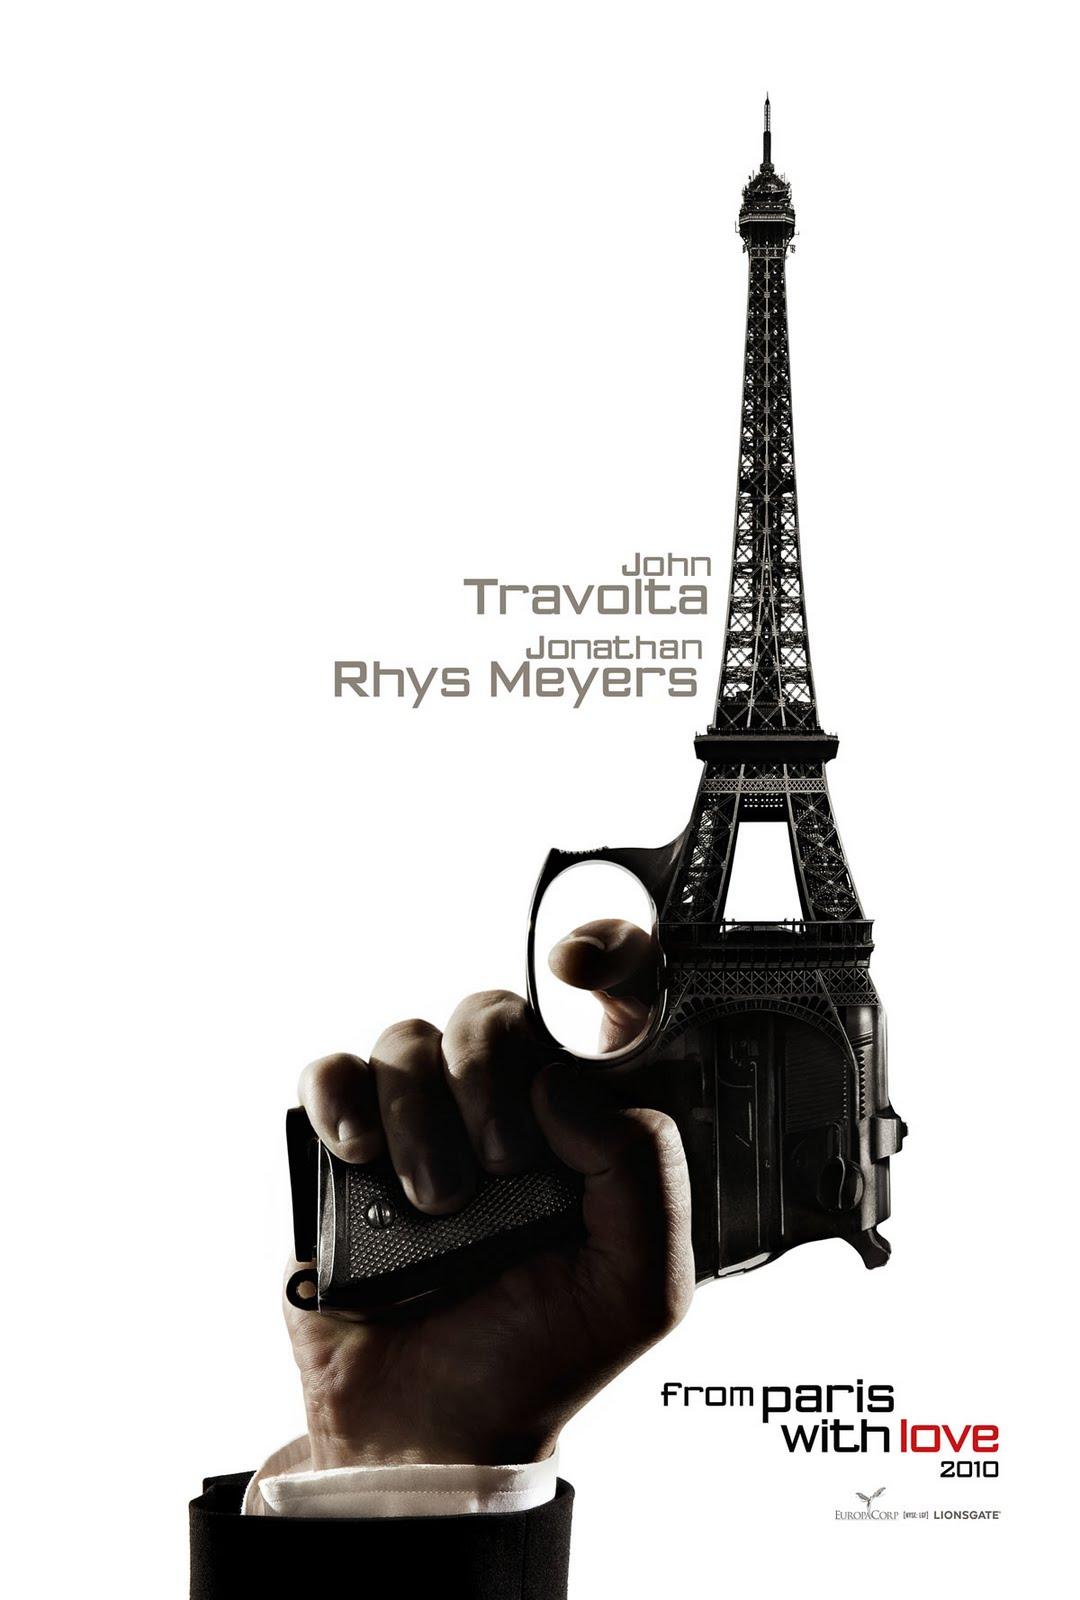 http://4.bp.blogspot.com/_G90fygI5B4A/TAhhg0uq30I/AAAAAAAAAKw/LkLxbvjTrUc/s1600/from-paris-with-love-poster.jpg